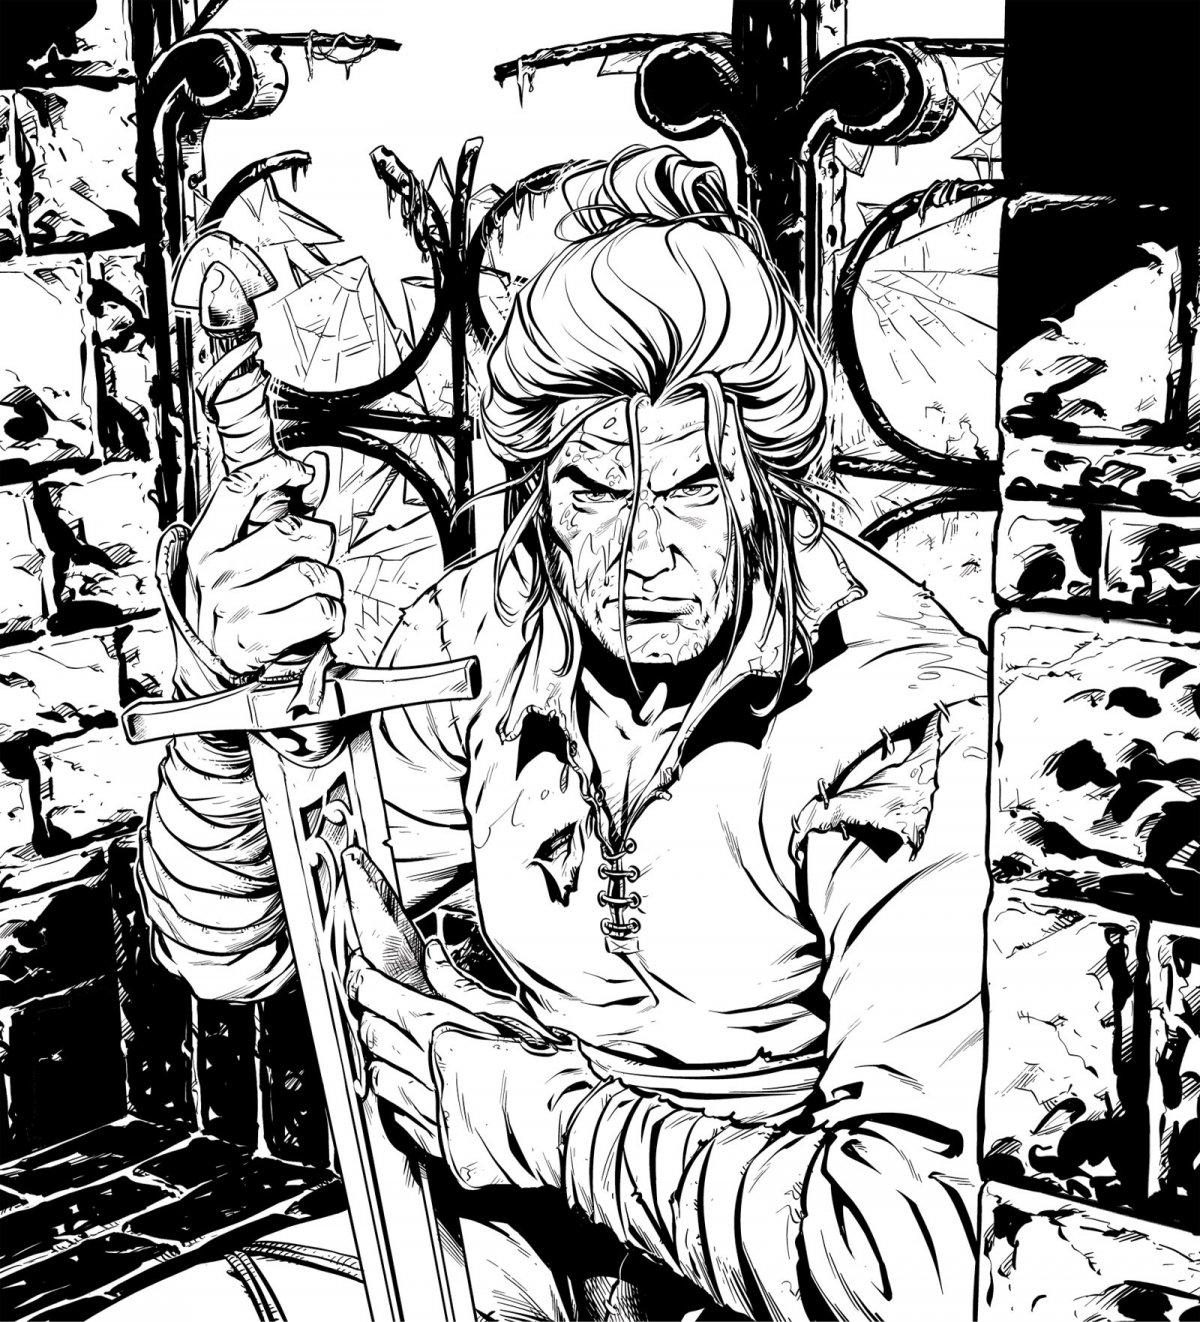 Dragonero - Ian Aranill - bianco e nero - (c) Sergio Bonelli Editore